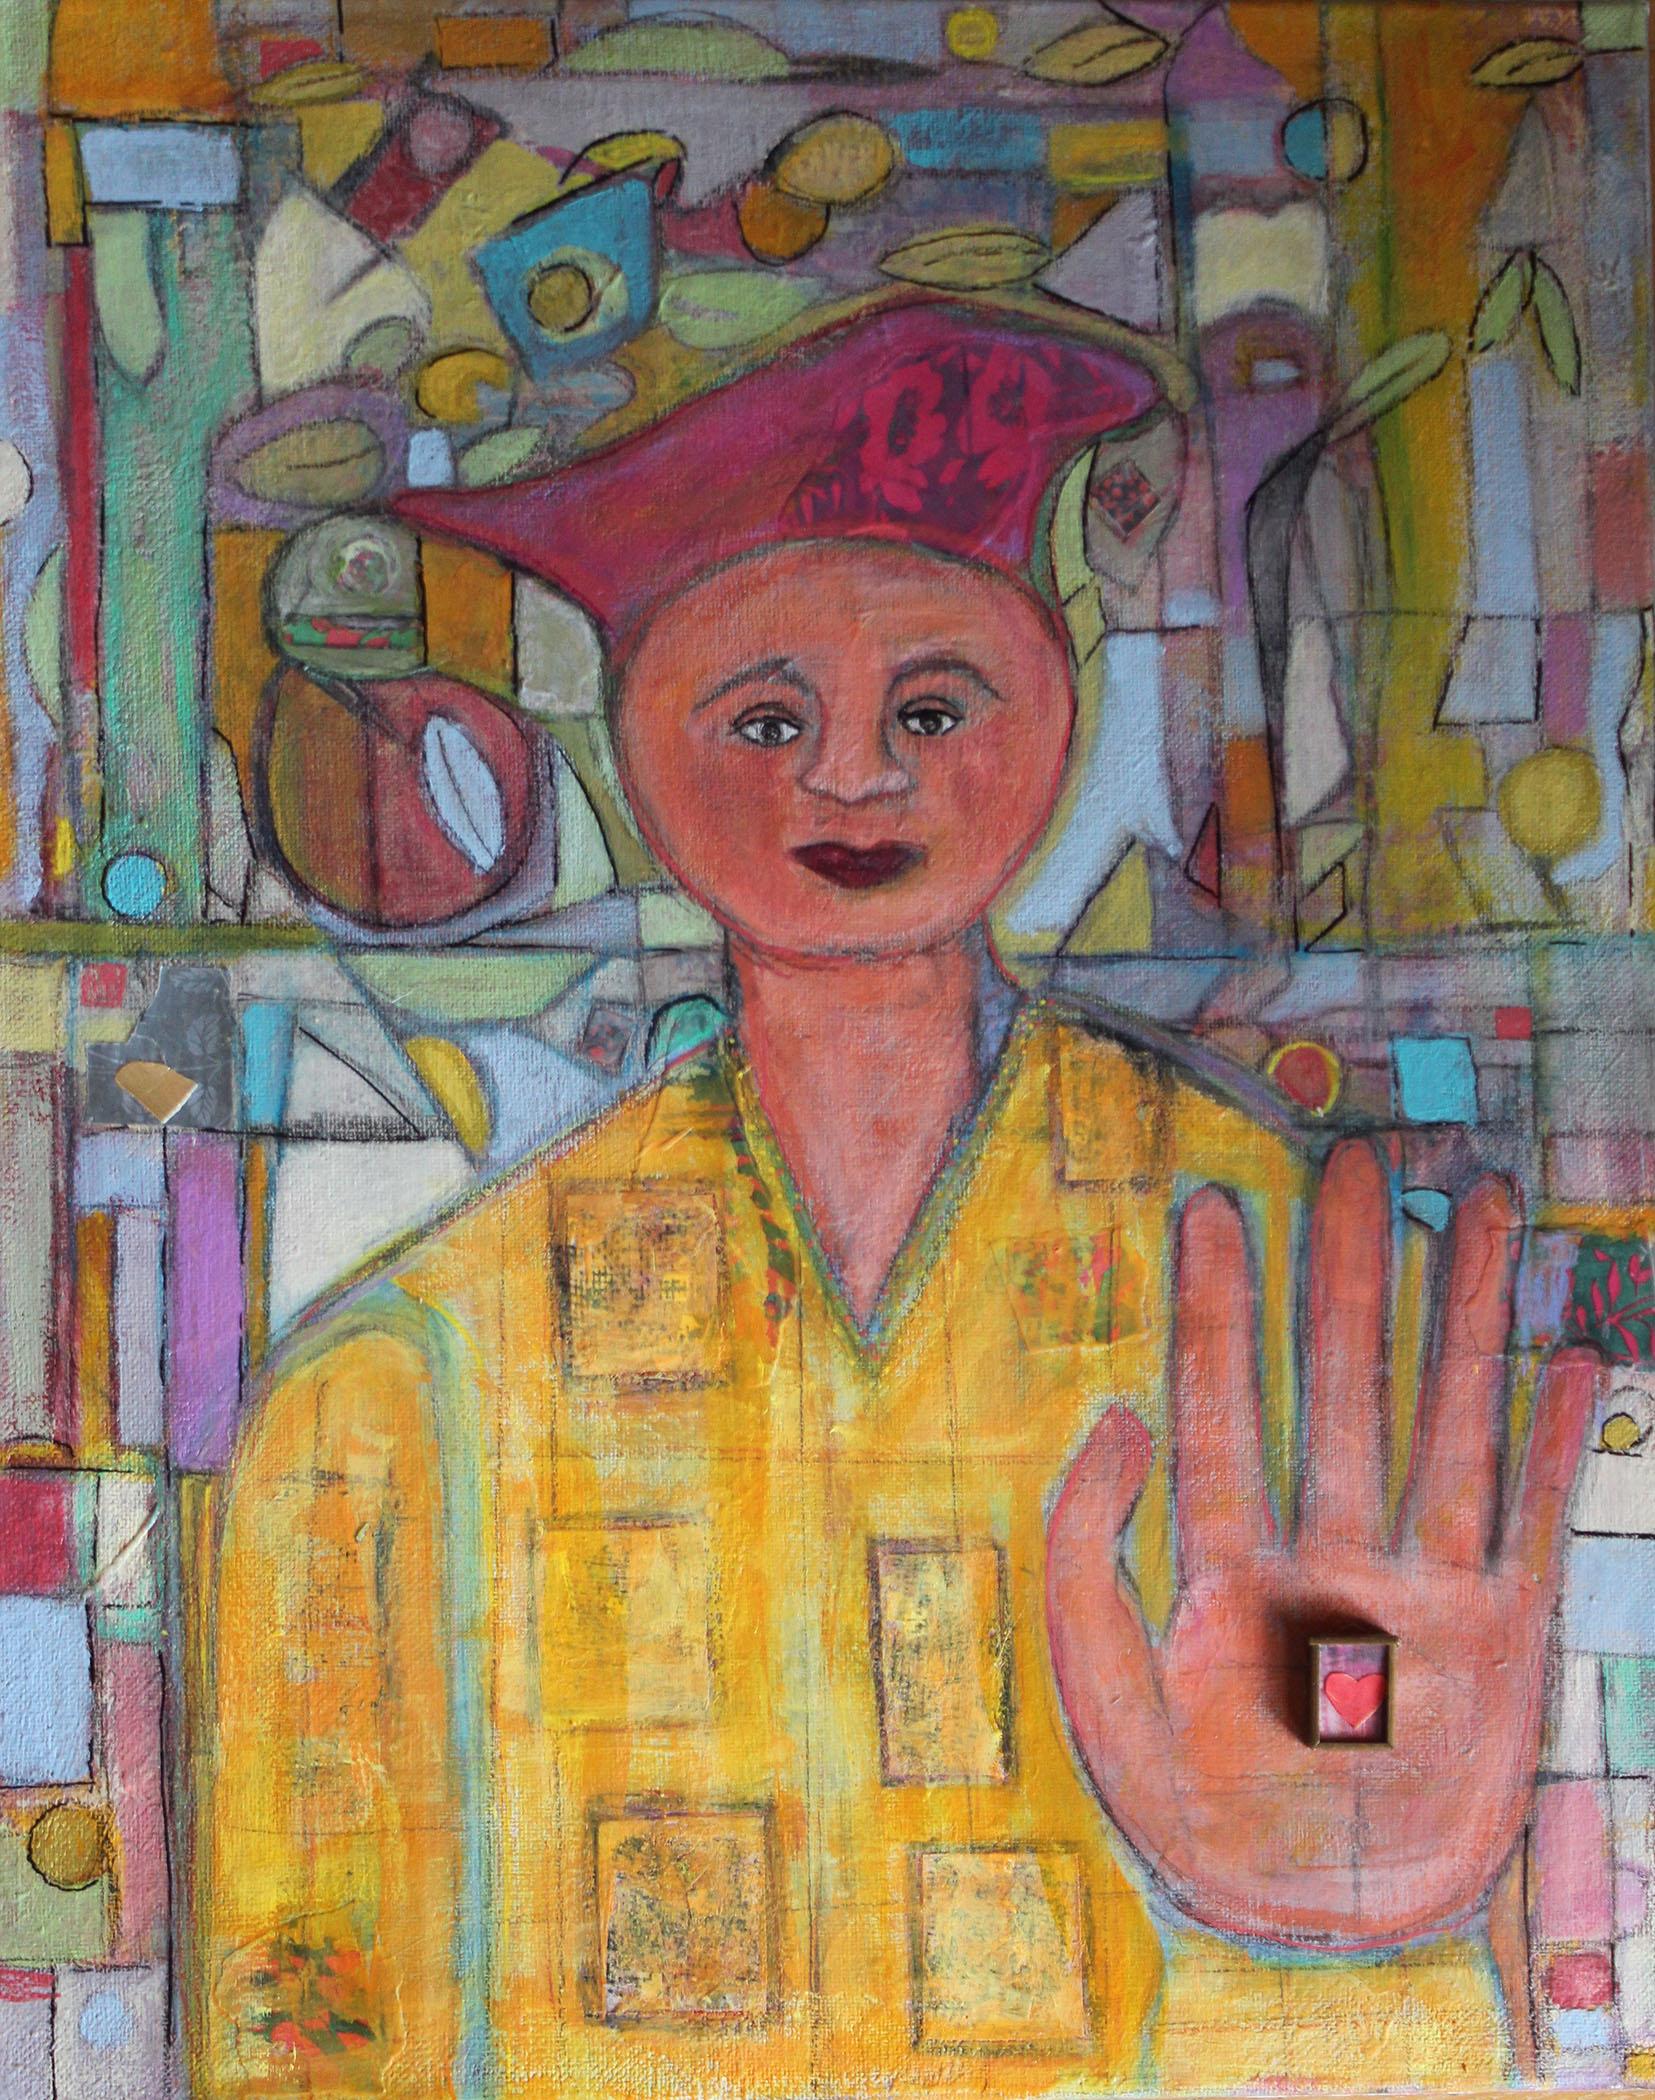 Ilene Weiss: Heart in Hand